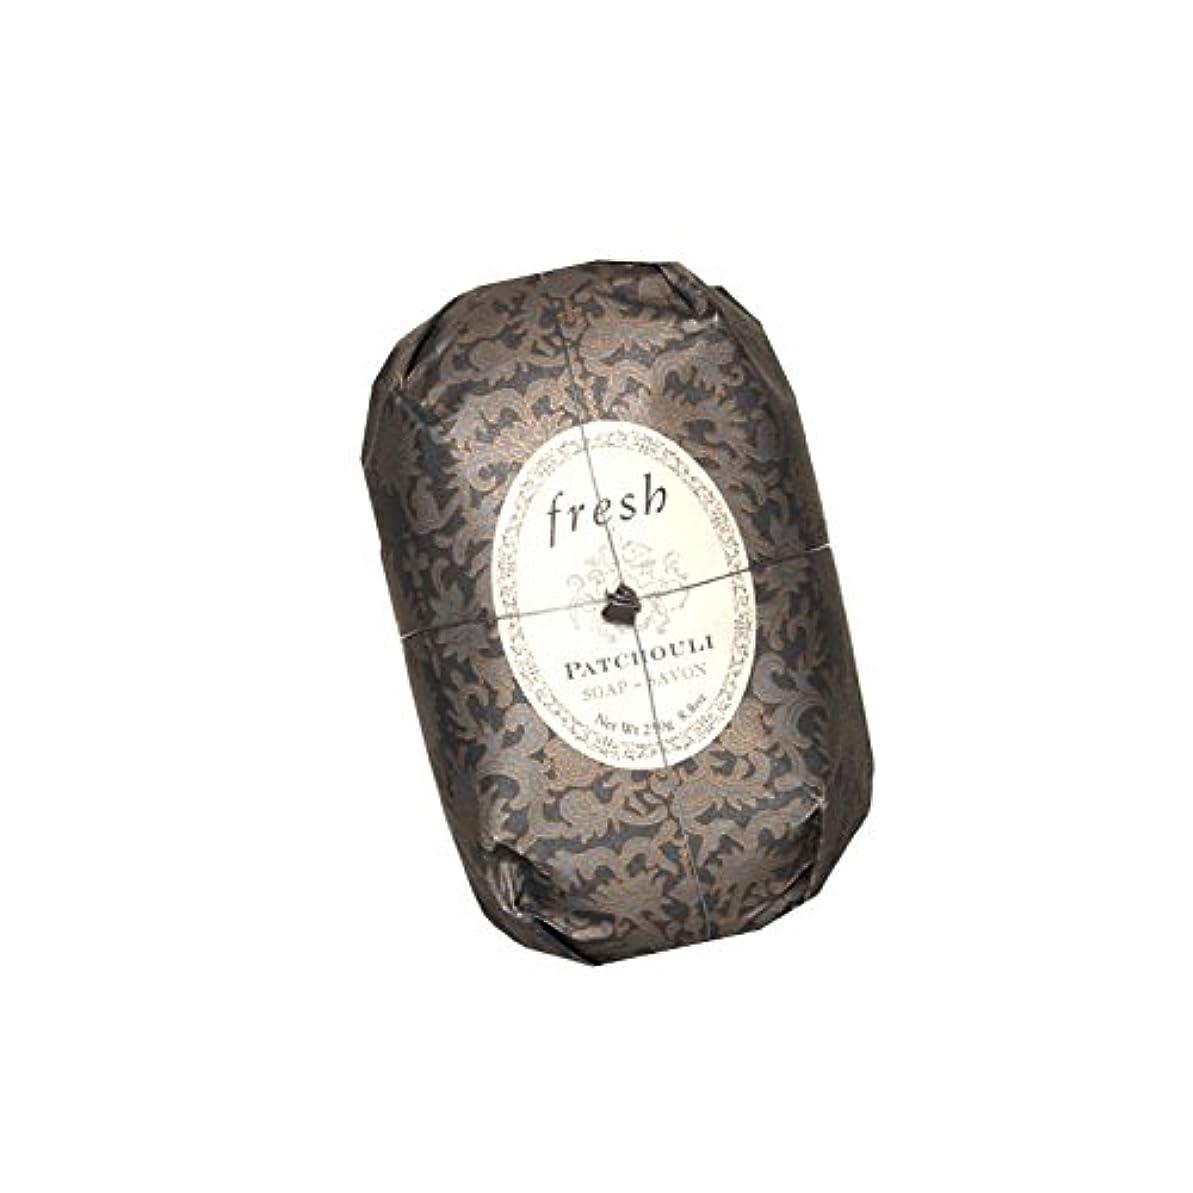 ホイスト風変わりなビデオFresh フレッシュ Patchouli Soap 石鹸, 250g/8.8oz. [海外直送品] [並行輸入品]